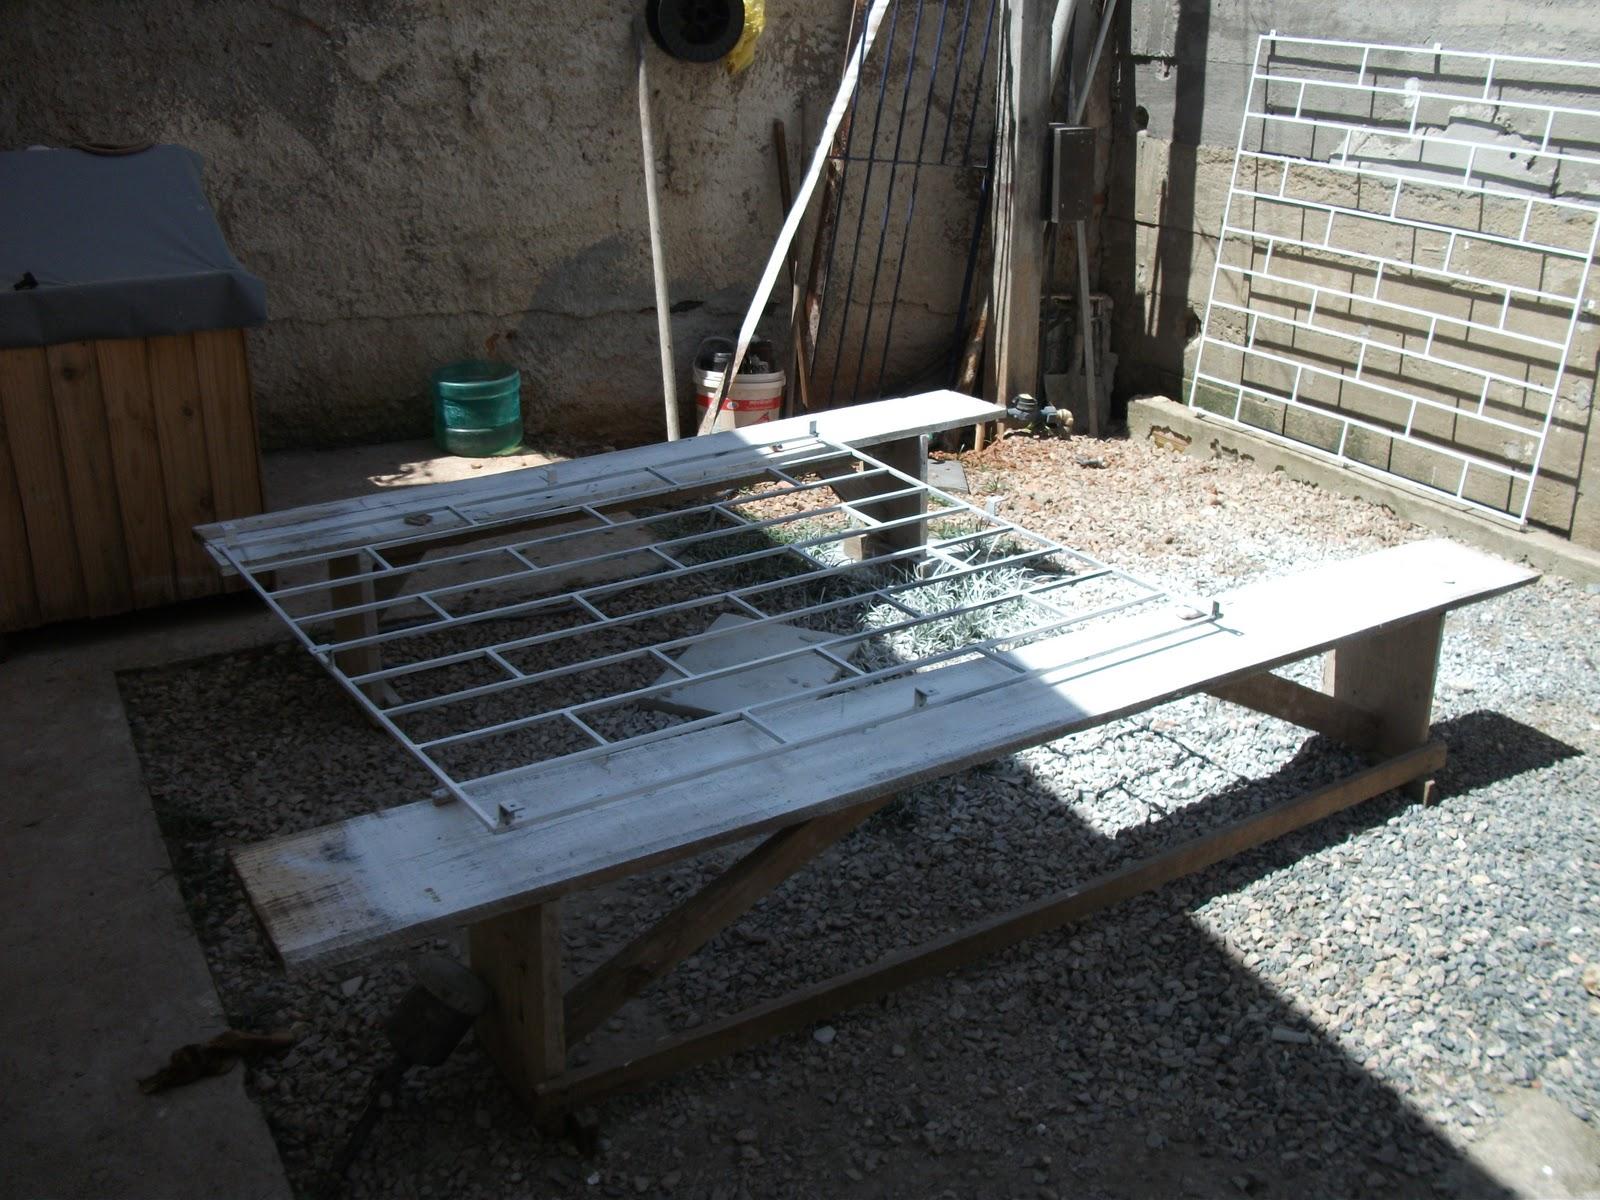 #786A54 TOLDOS PIEROBOM: grades de proteção para janelas!!! 4132 Grade De Aluminio Para Janela Rio De Janeiro